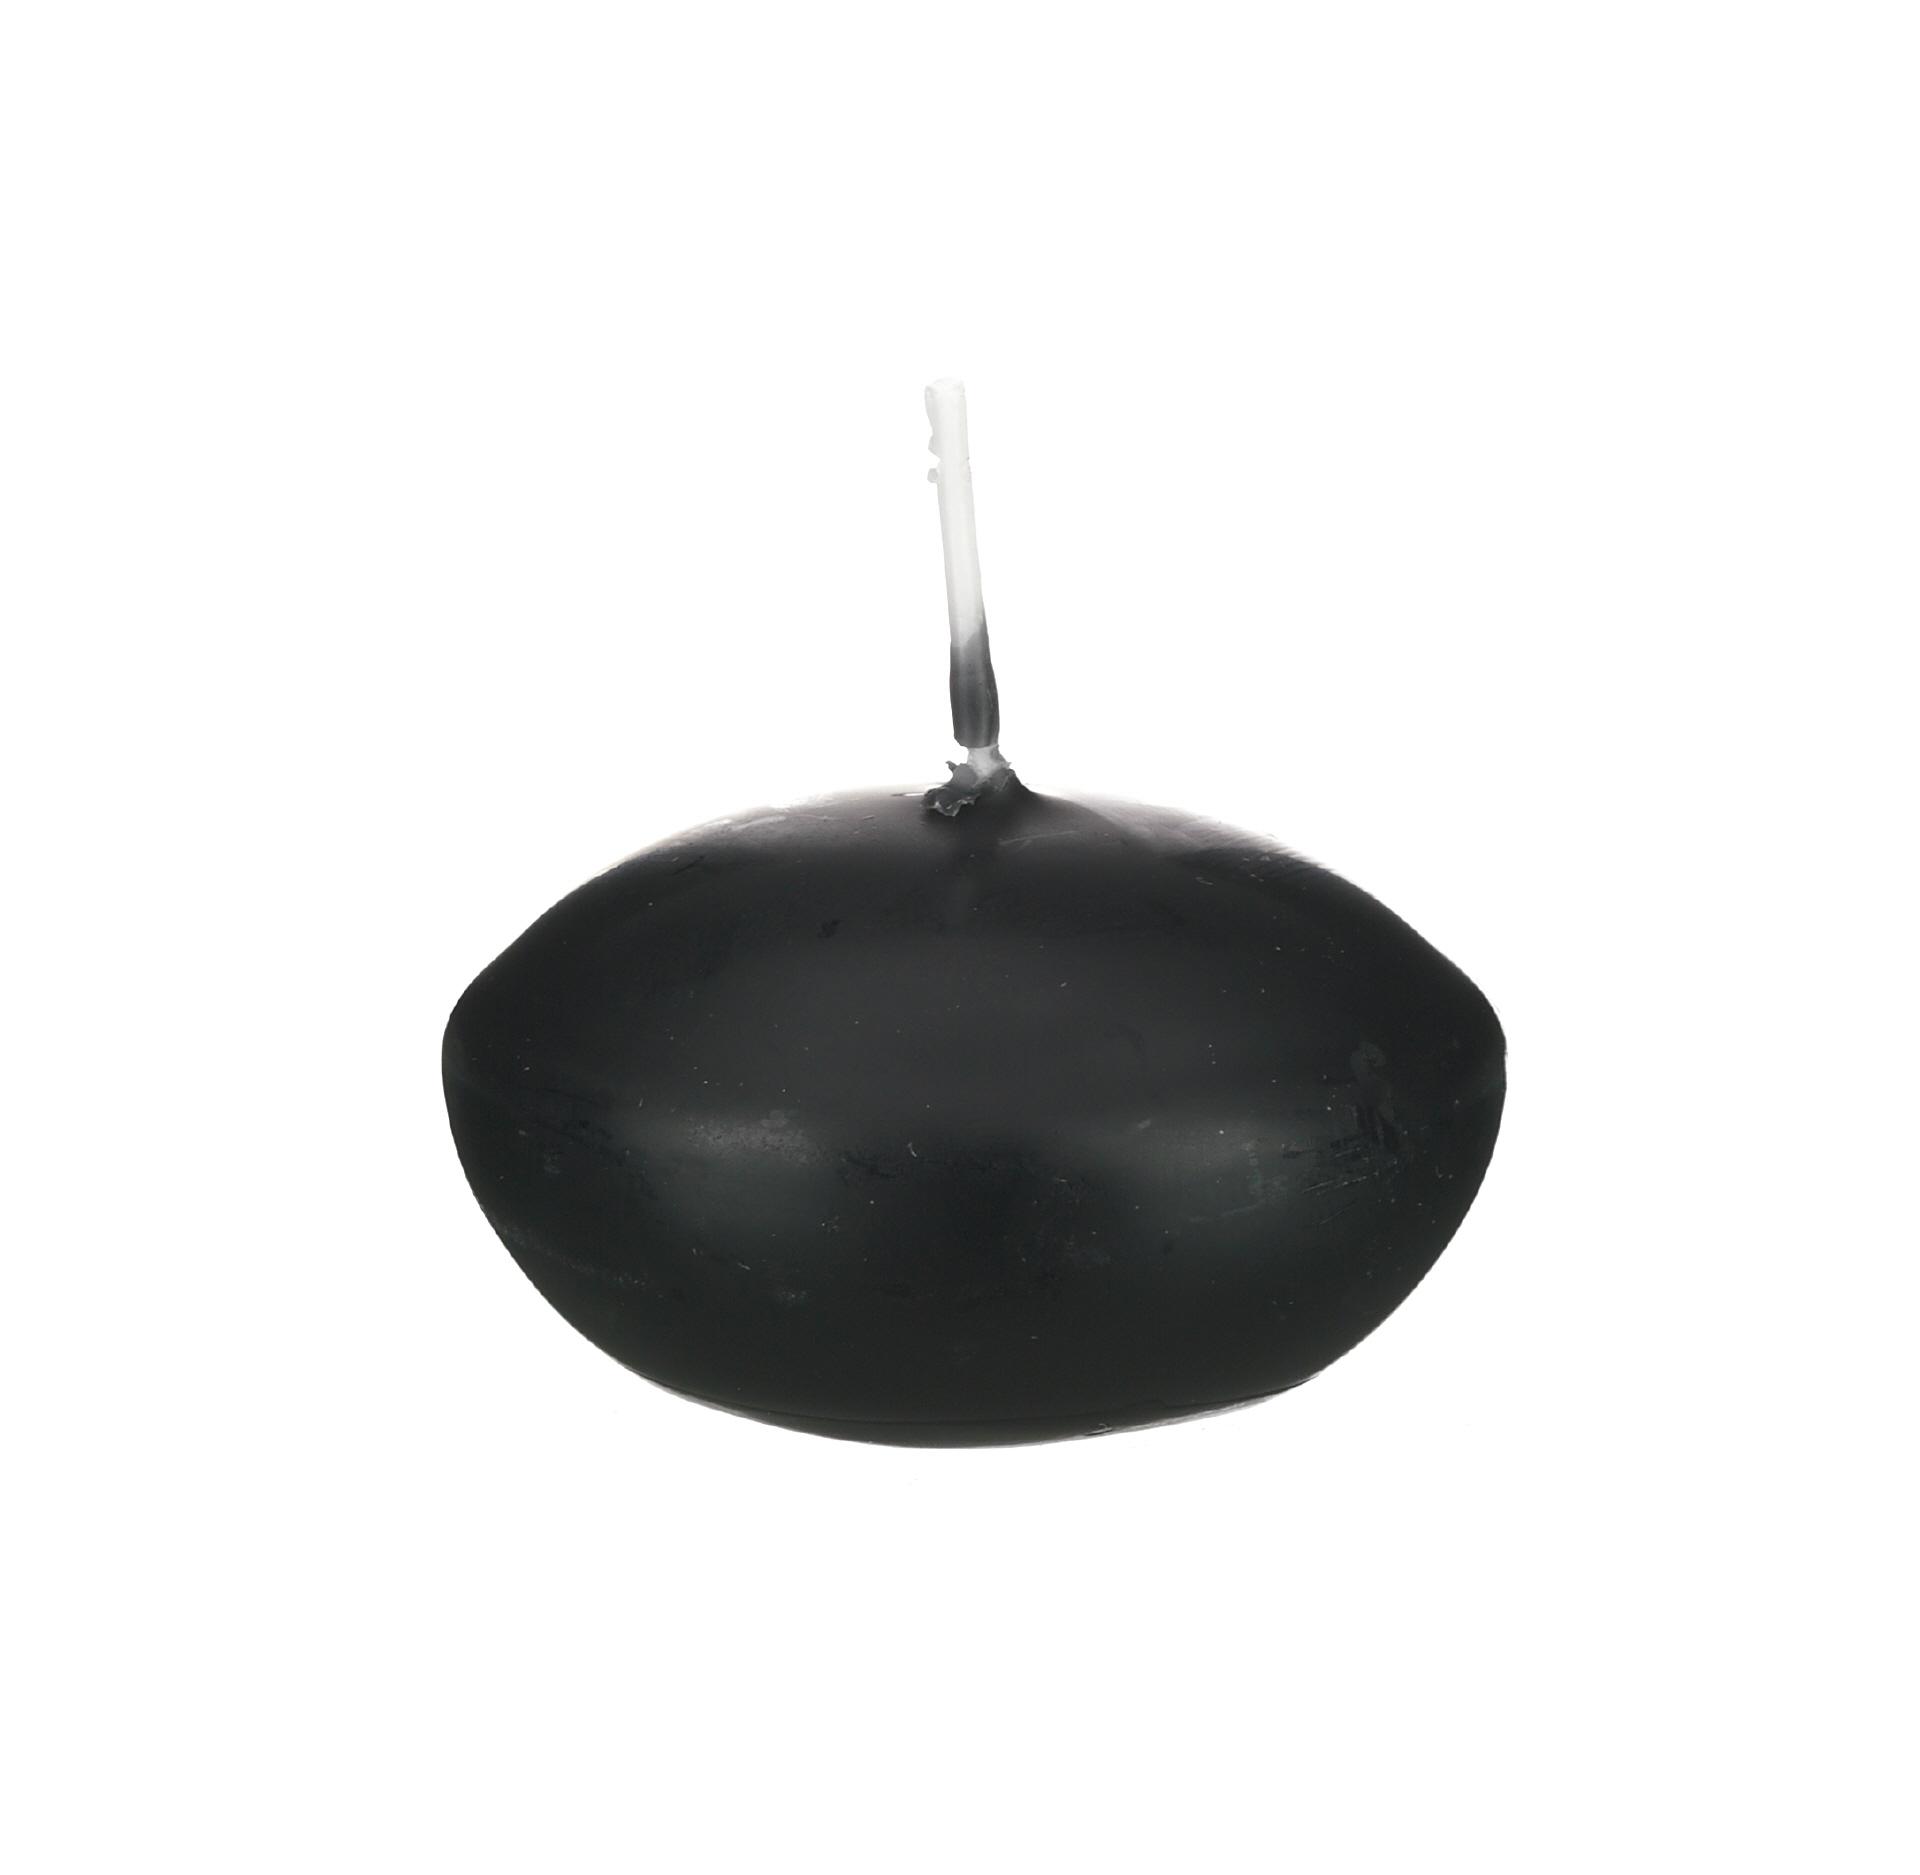 24er schwimmkerzen 45 mm schwarz im kerzen shop zu. Black Bedroom Furniture Sets. Home Design Ideas